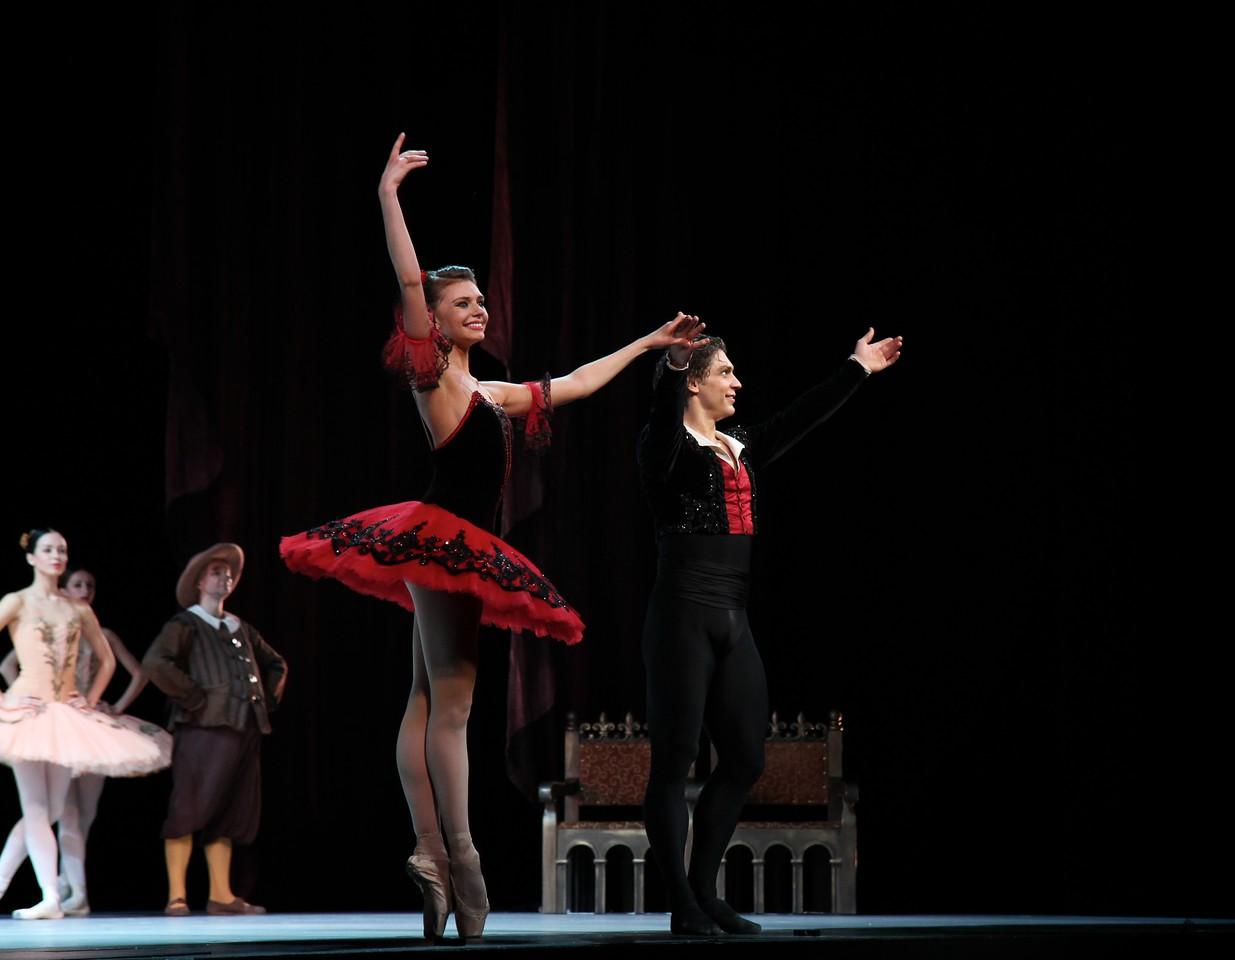 Oksana Bondareva and Ivan Vasiliev, Don Quixote, November 22, 2014